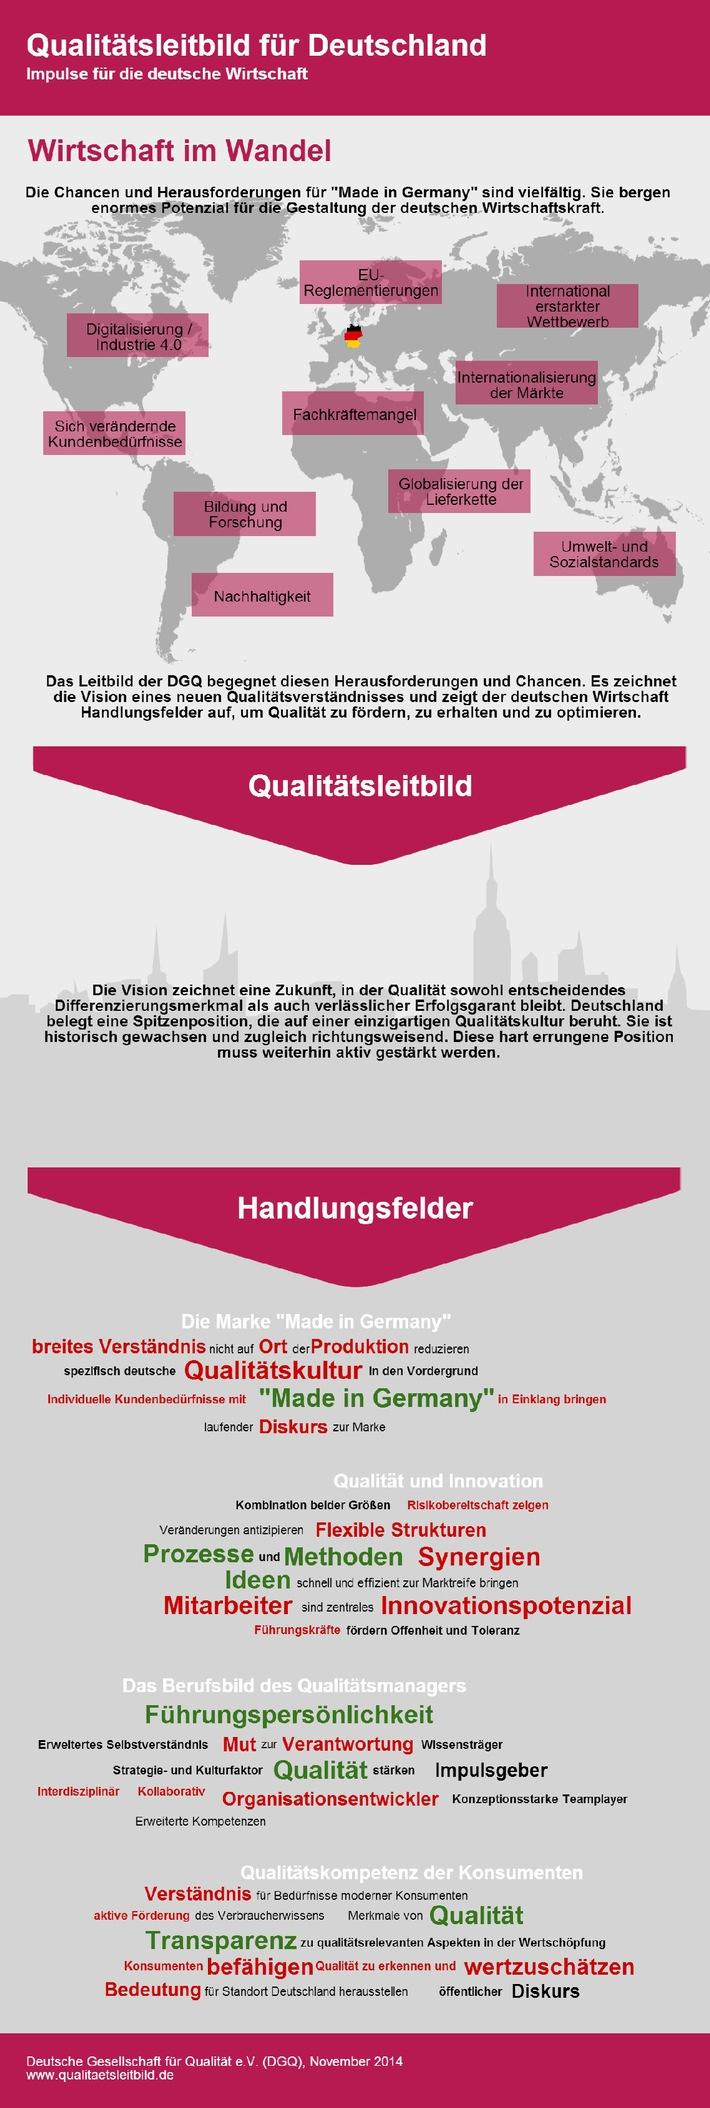 Ist Deutschland überhaupt noch innovativ? - Die DGQ begegnet Debatte mit erstem Leitbild für Qualität